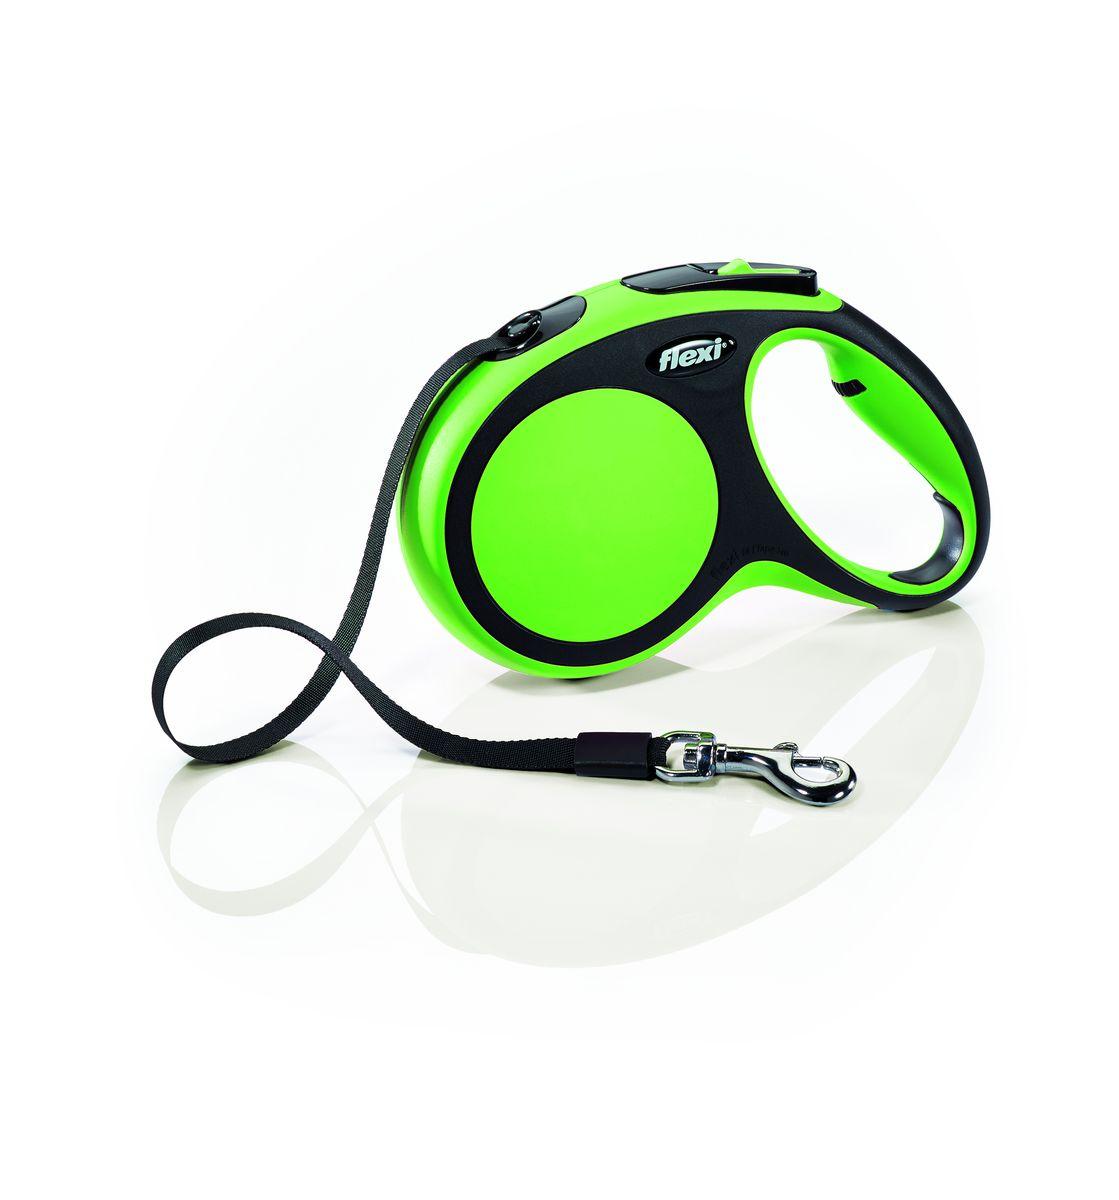 Поводок-рулетка Flexi New Comfort М, лента, для собак весом до 25 кг, цвет: черный, зеленый, 5 м28223Ленточный поводок-рулетка обеспечивает собаке свободу движения, что идет на пользу здоровью и радует Вашего четвероногого друга. Рулетка очень проста в использовании. Оснащена кнопками кратковременной и постоянной фиксации. Рулетку можно оснастить - мультибоксом для лакомств или пакетиков для сбора фекалий, LED подсветкой корпуса. Прочный корпус, хромированная застежка и светоотражающие элементы. Лента поводка автоматически сматывается и поводок в процессе использования не провисает, не касается грунта и таким образом не пачкается и не перетирается. Поводок не нужно подбирать руками когда питомец подошел ближе, таким образом Ваши руки всегда чистые. На рукоятке имеется колесико позволяющее адаптировать размер рукоятки под размер руки Максимальный вес питомца: 25 кг Длина: 5 м